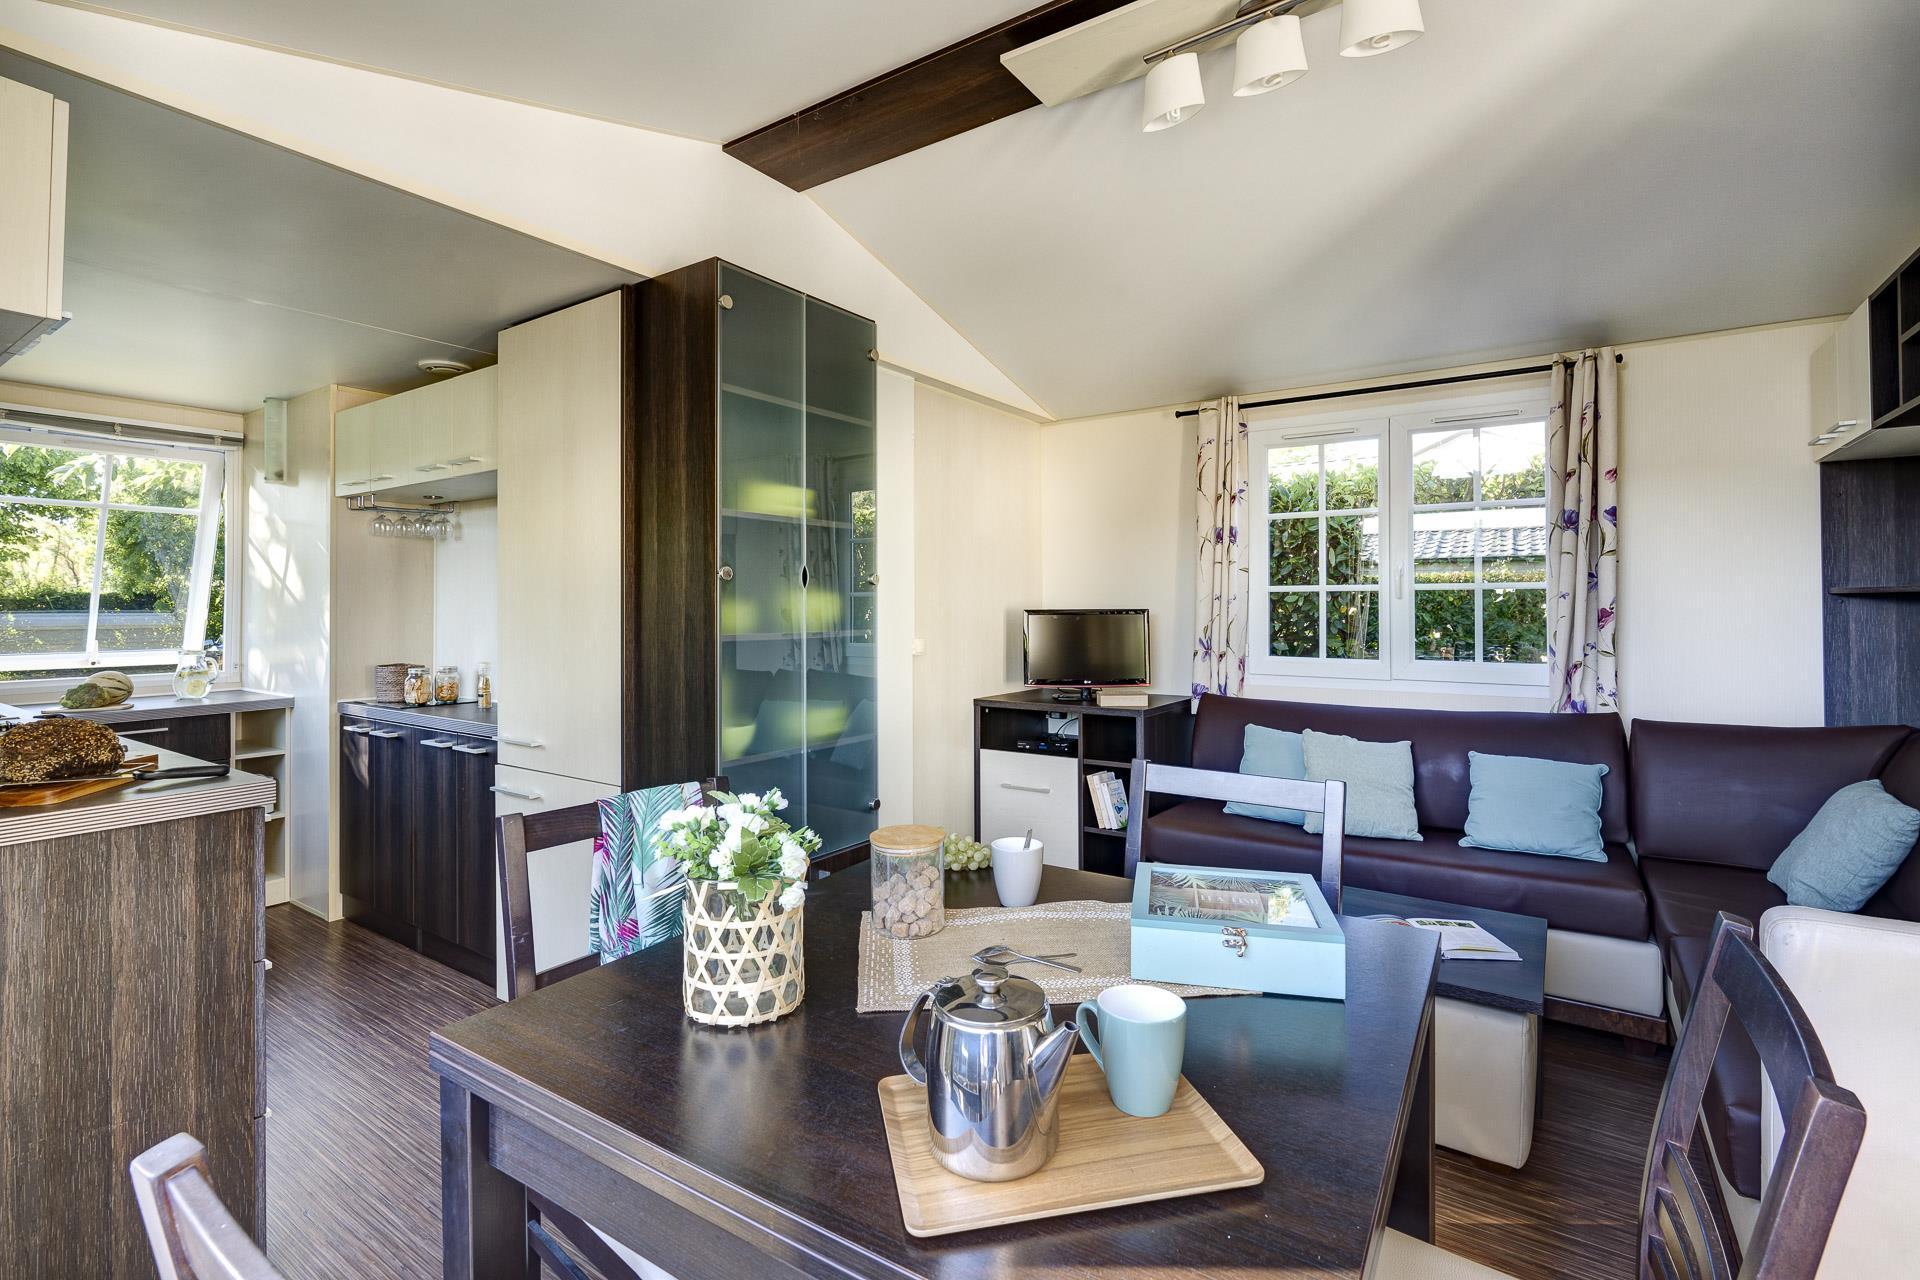 Location - Cottage 2 Chambres Climatisé **** - Camping Sandaya Séquoia Parc